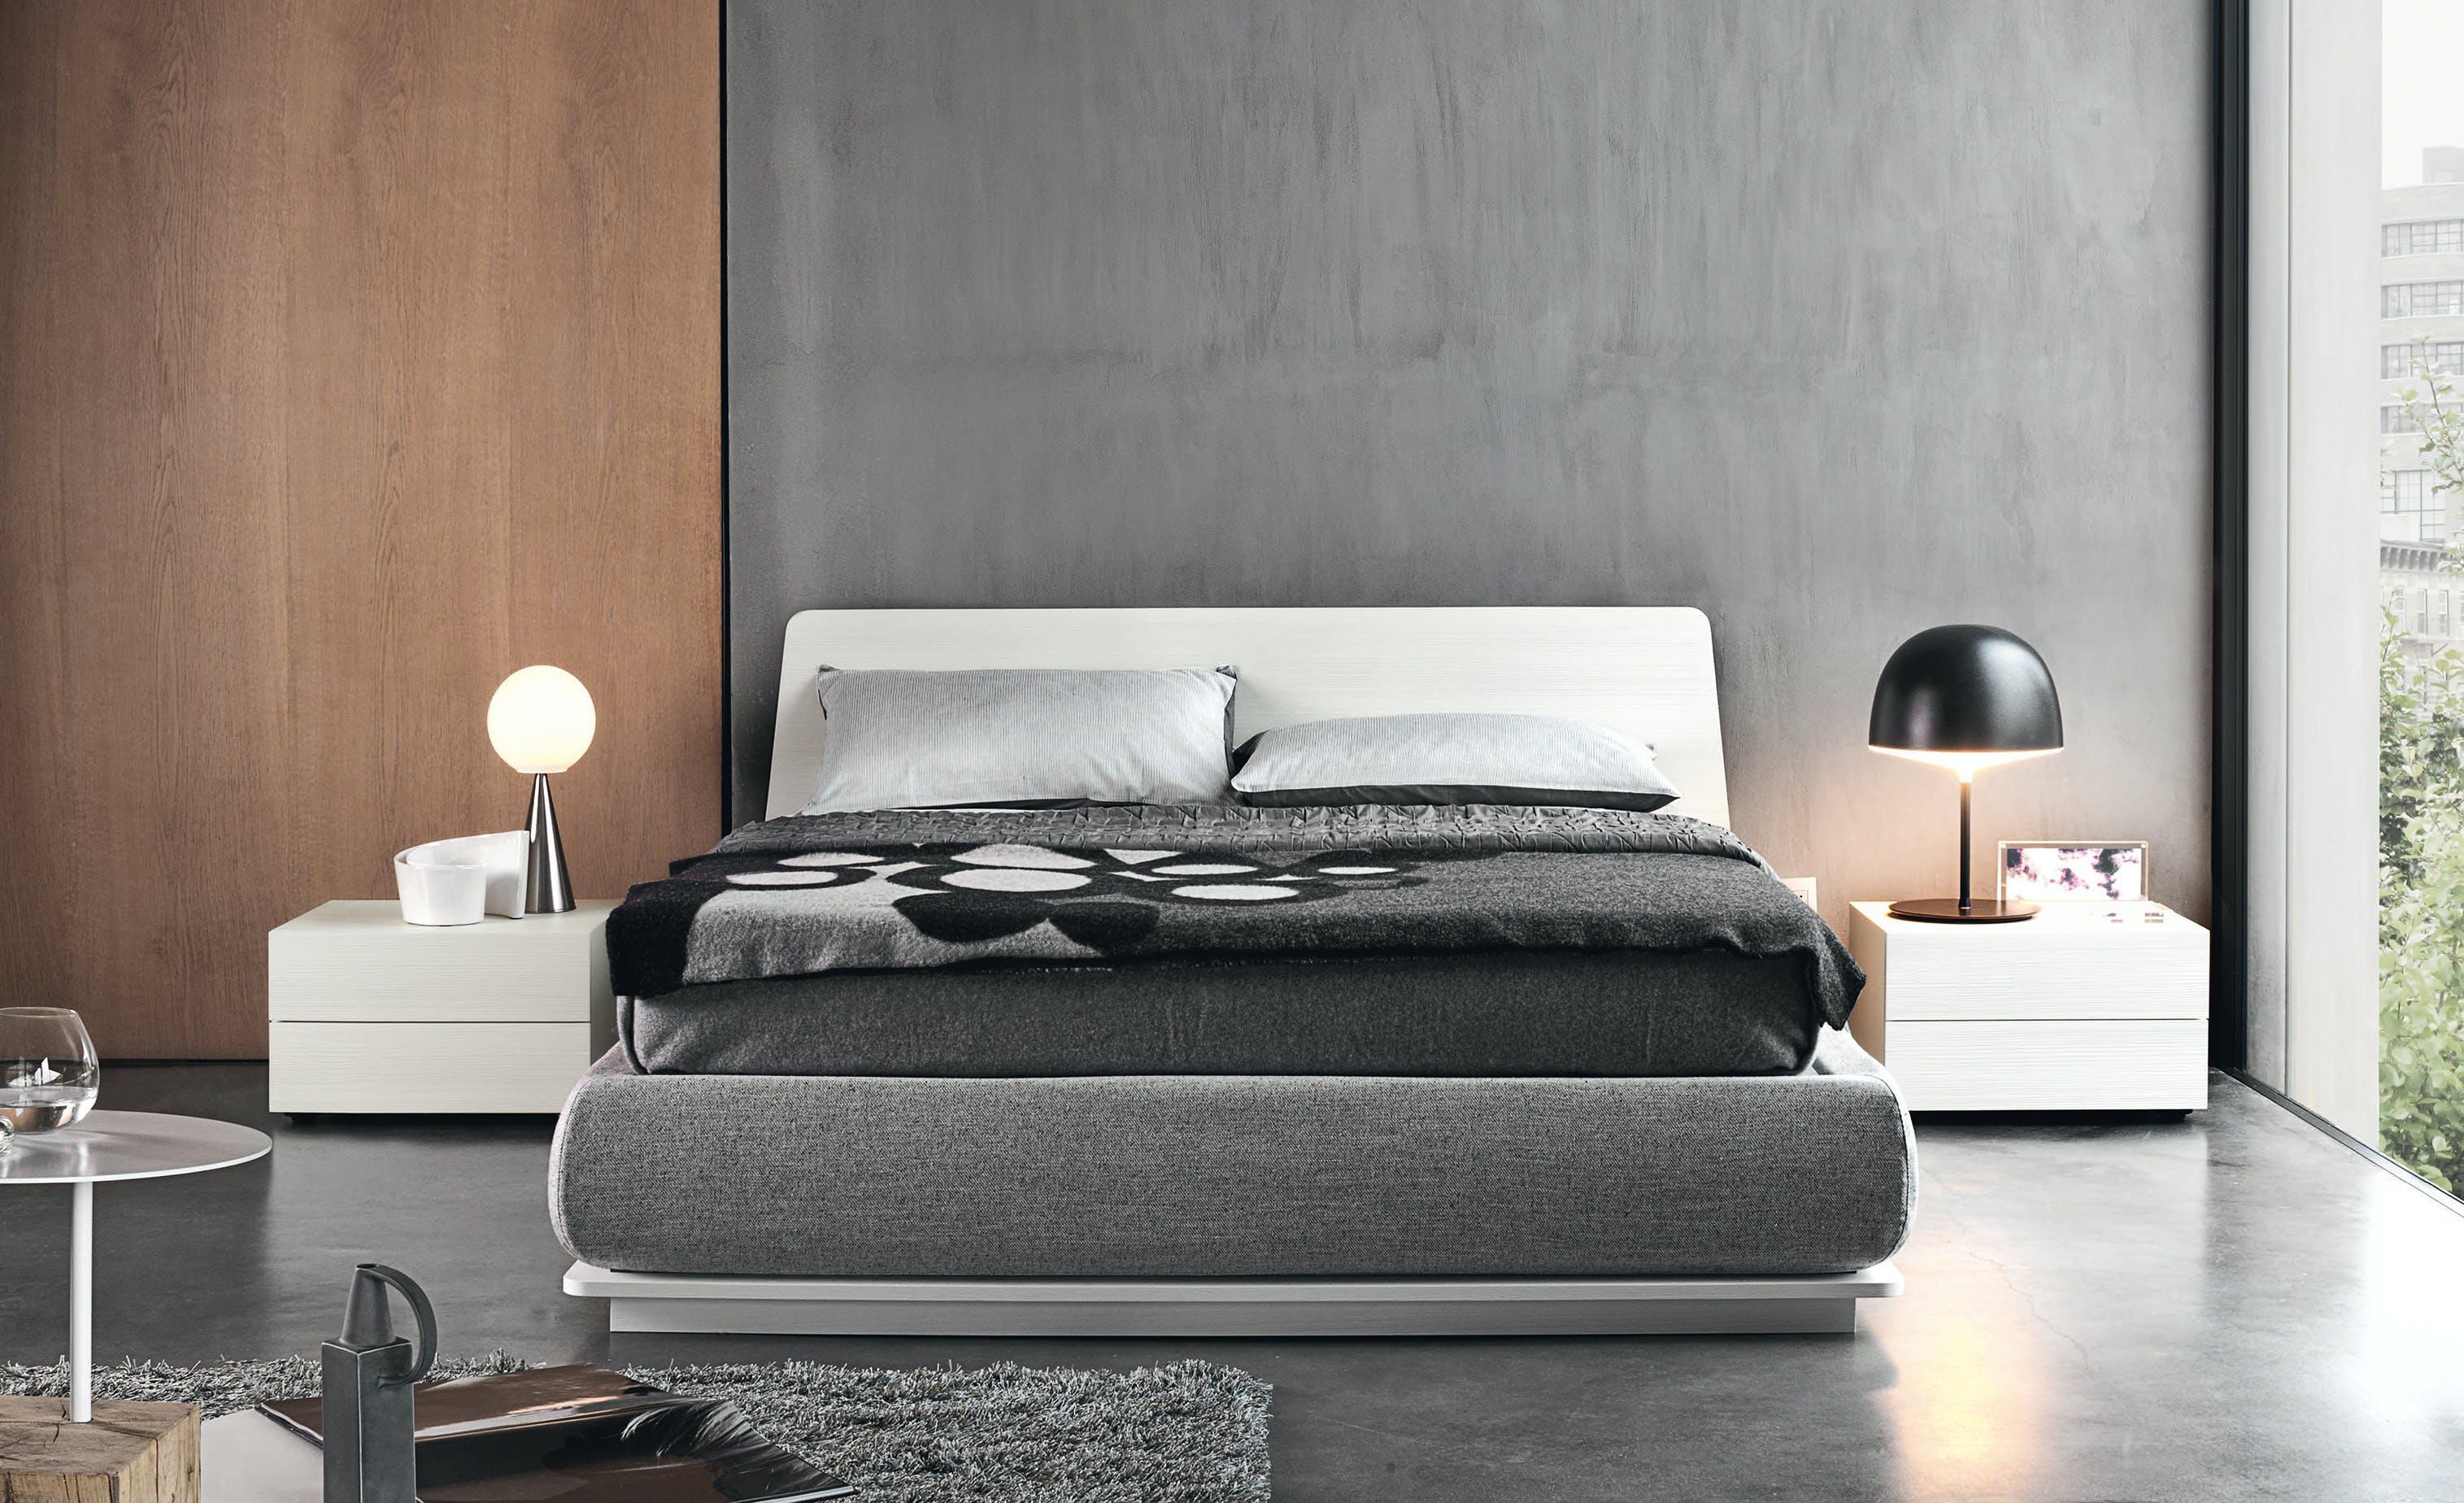 Giellesse Charme Bed White Full Front Haute Living